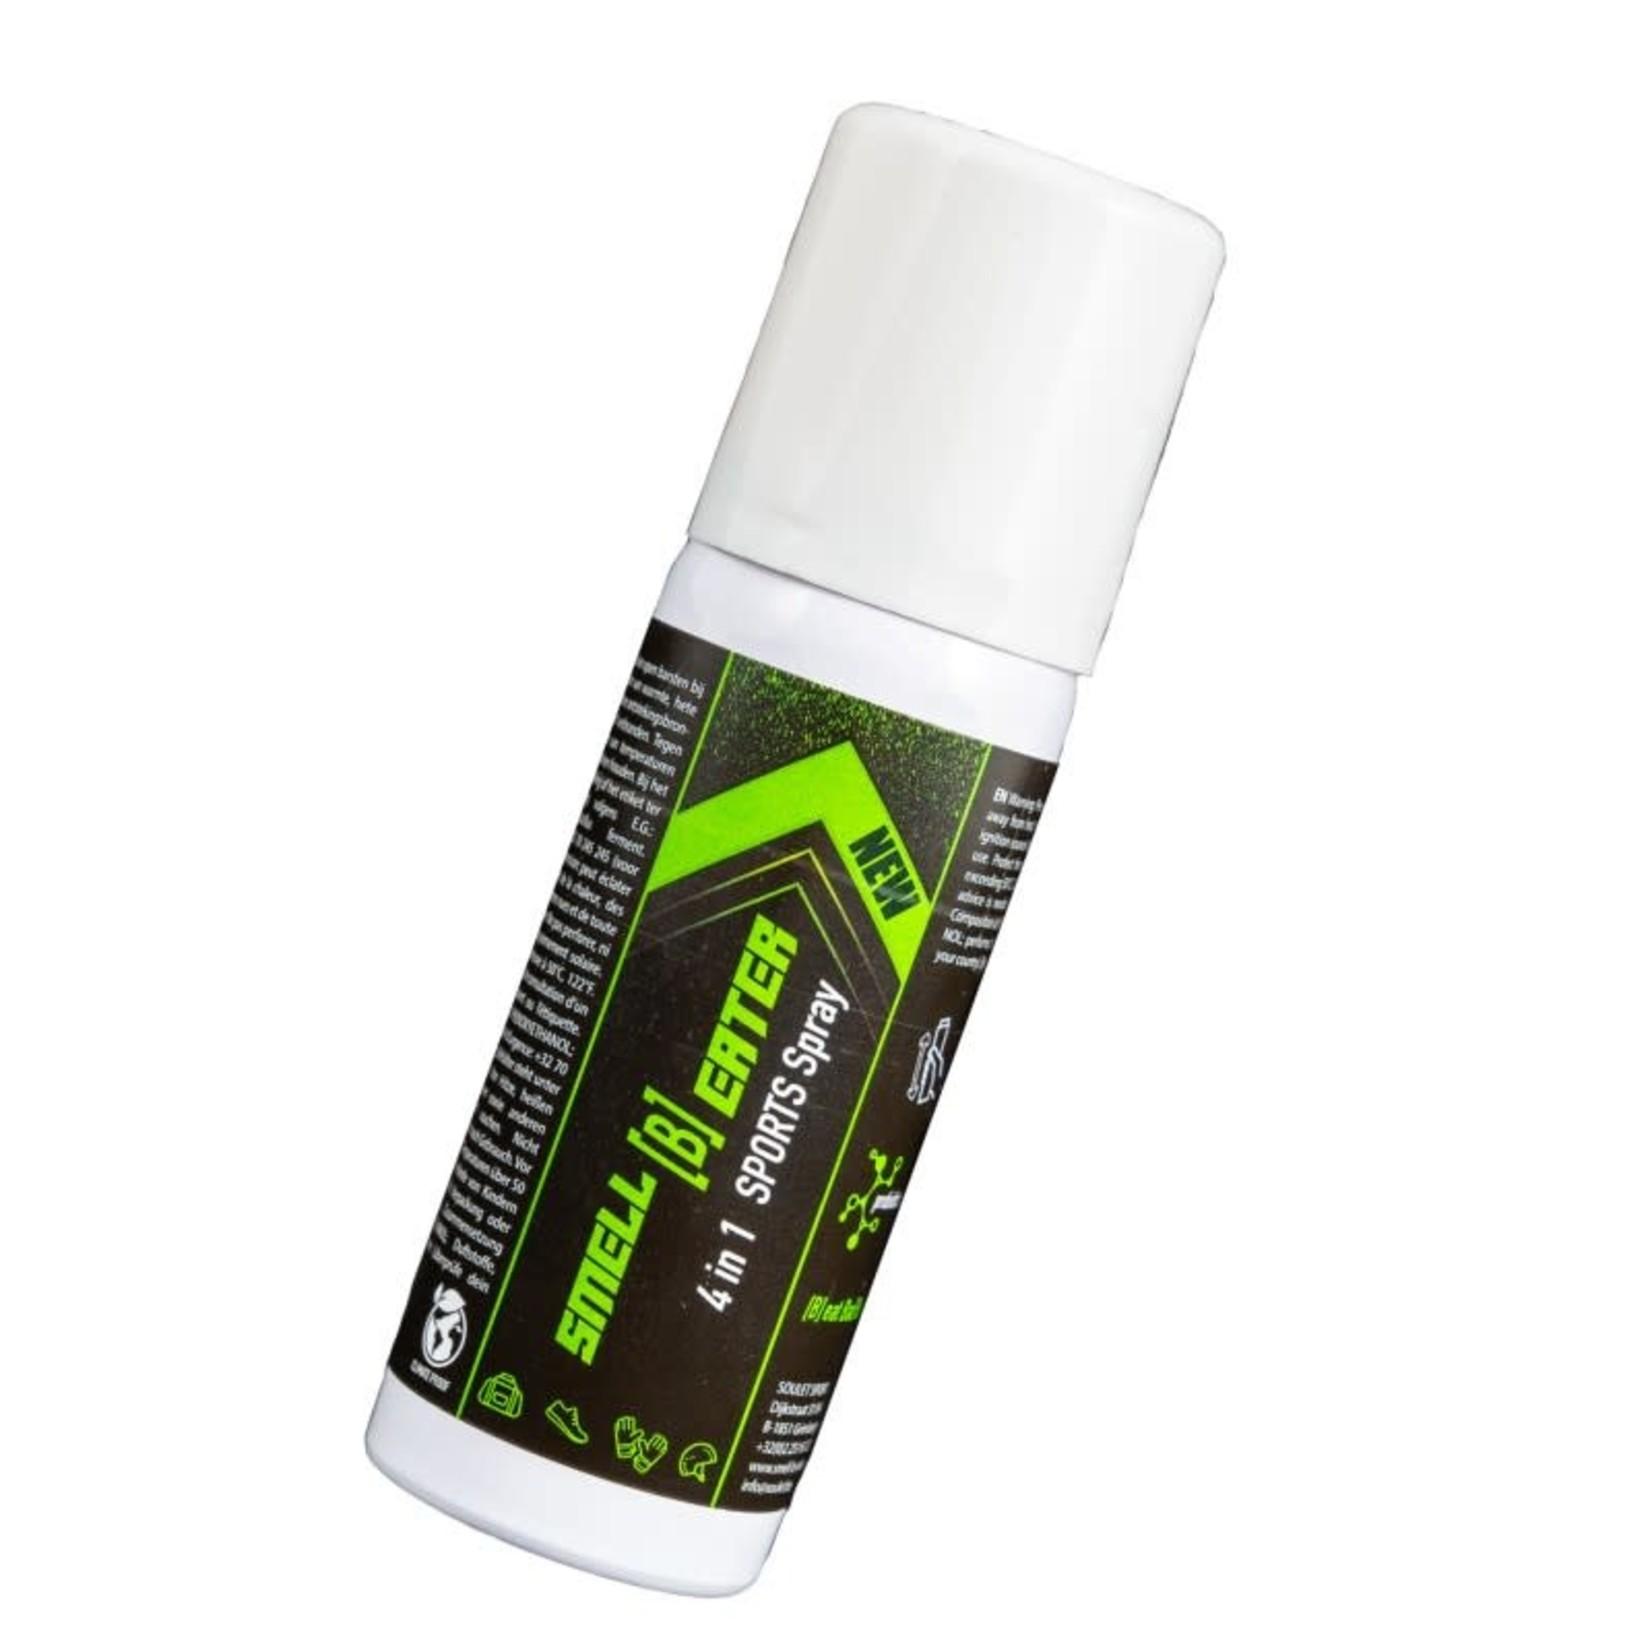 Smellbeater Smellbeater schoenspray 4 in 1